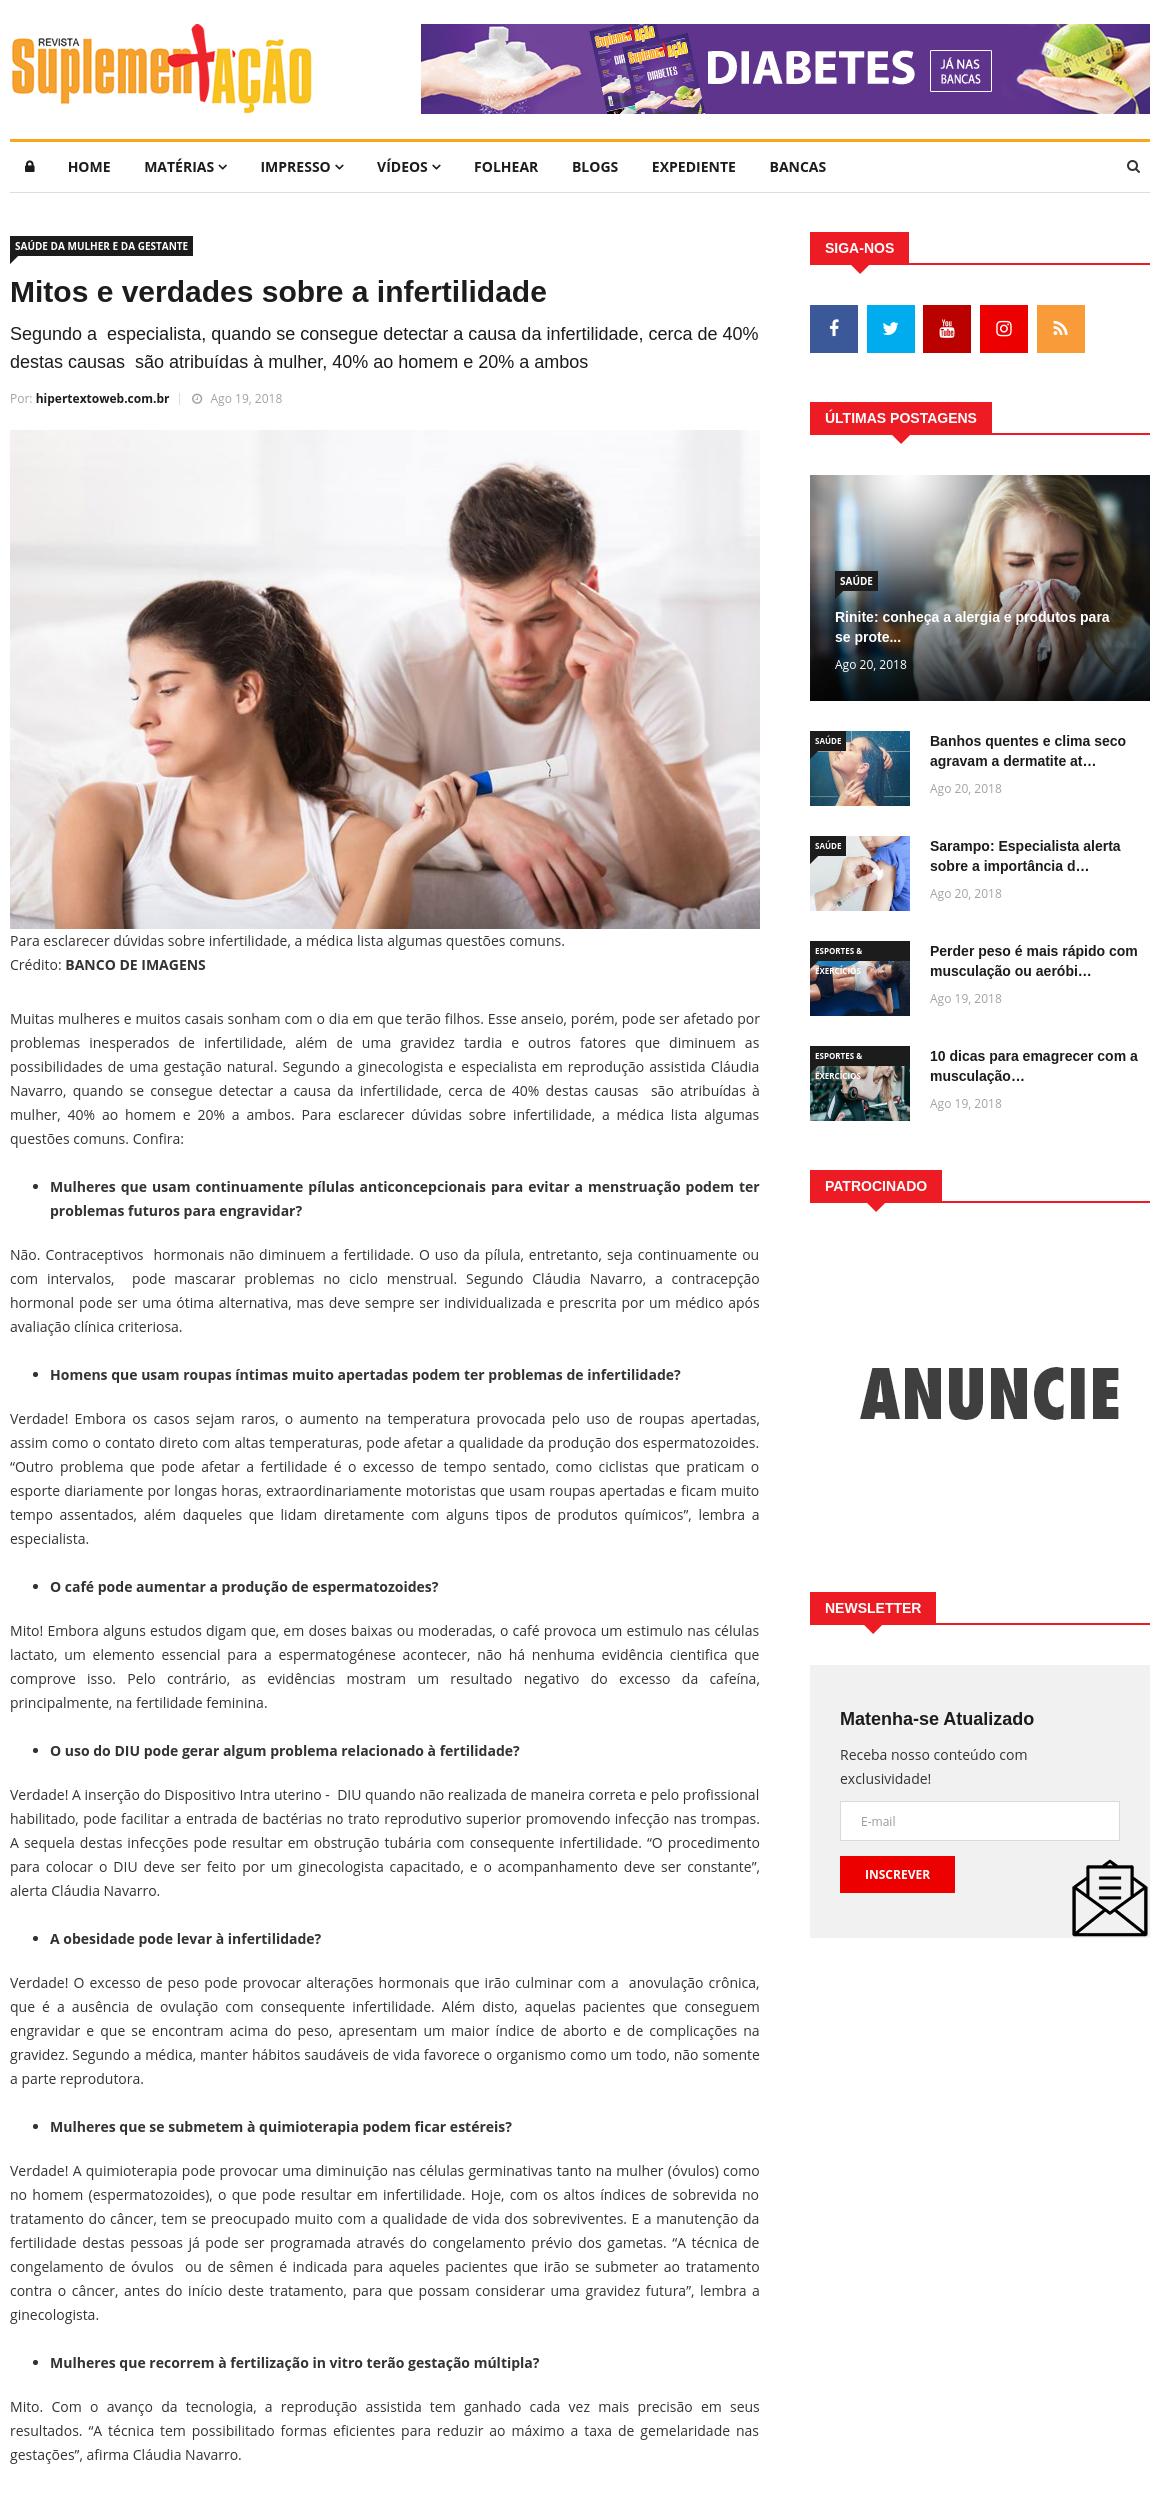 Revista SuplementAção (site) – Mitos e verdades sobre a infertilidade